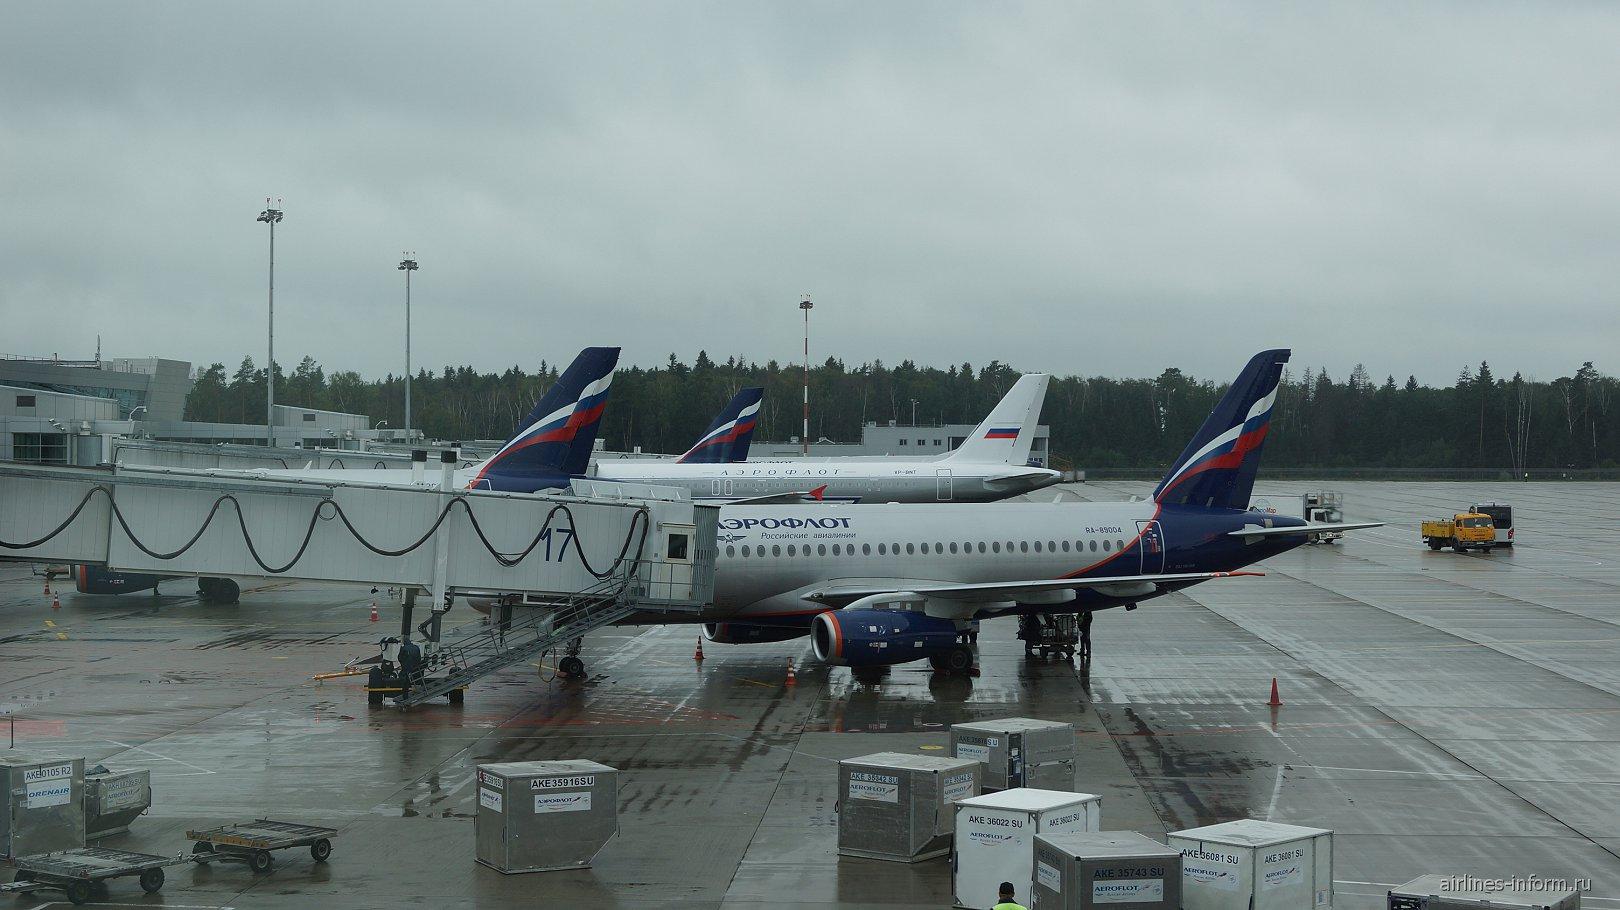 Самолеты Аэрофлота у терминала D аэропорта Шереметьево